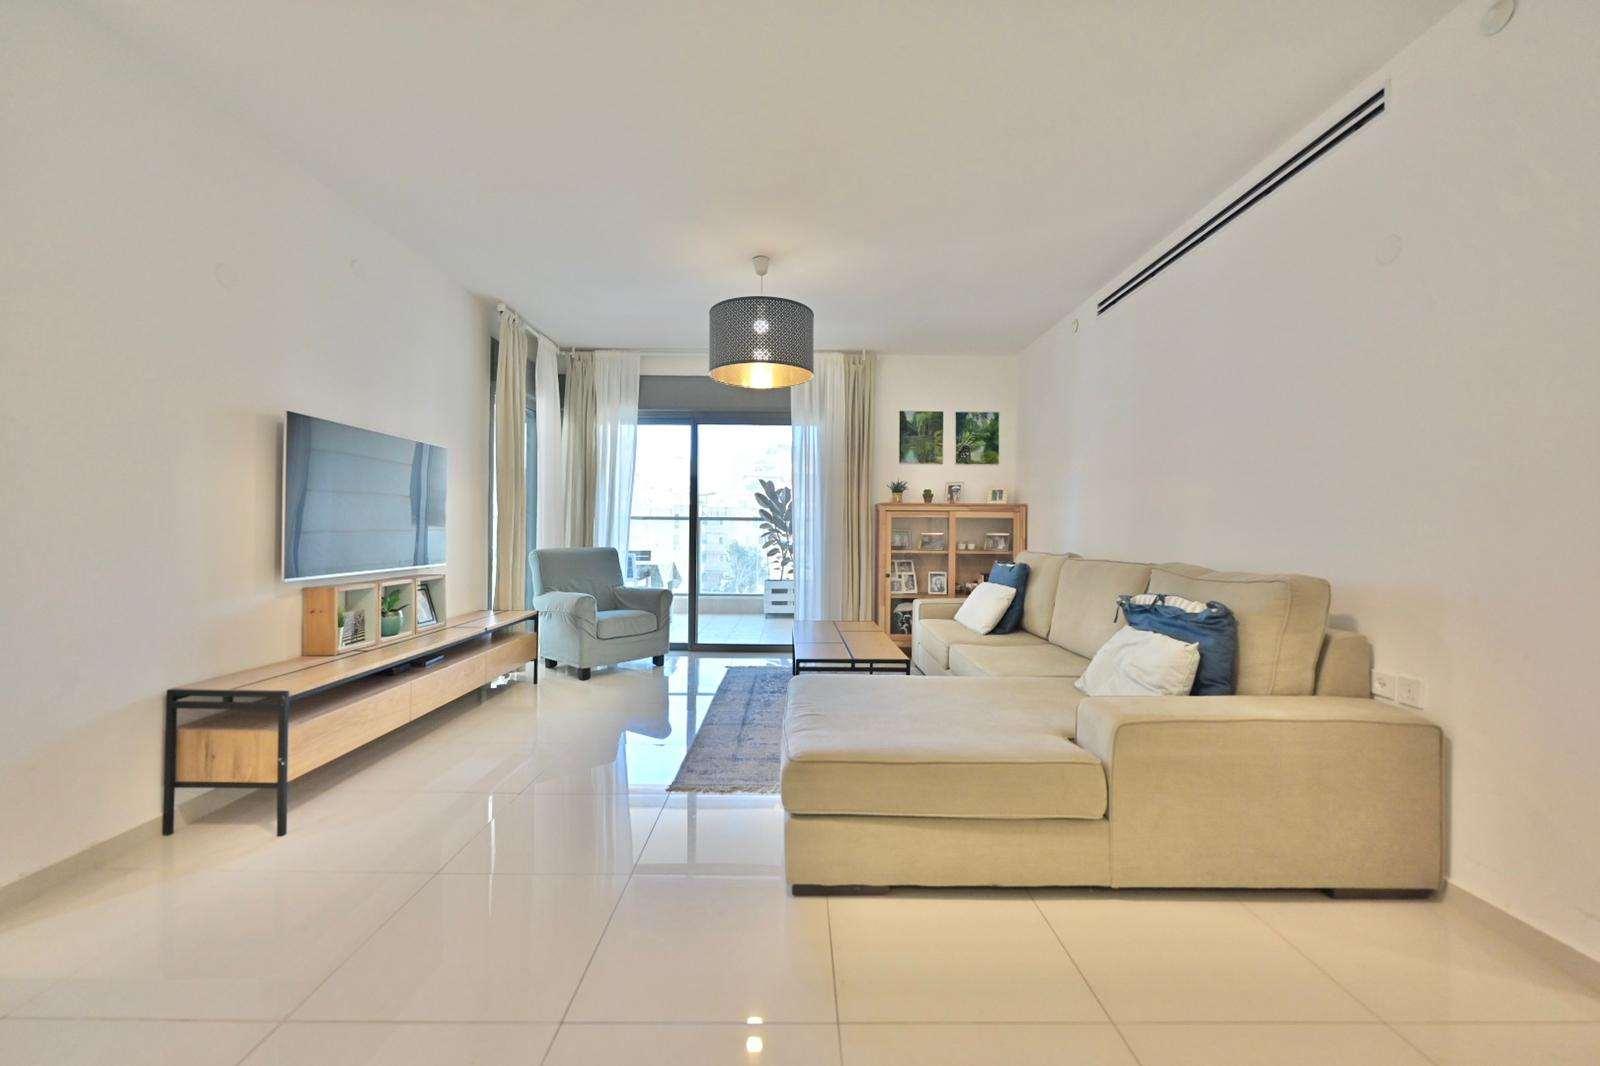 דירה למכירה 4 חדרים ביהוד מונוסון דרך העצמאות